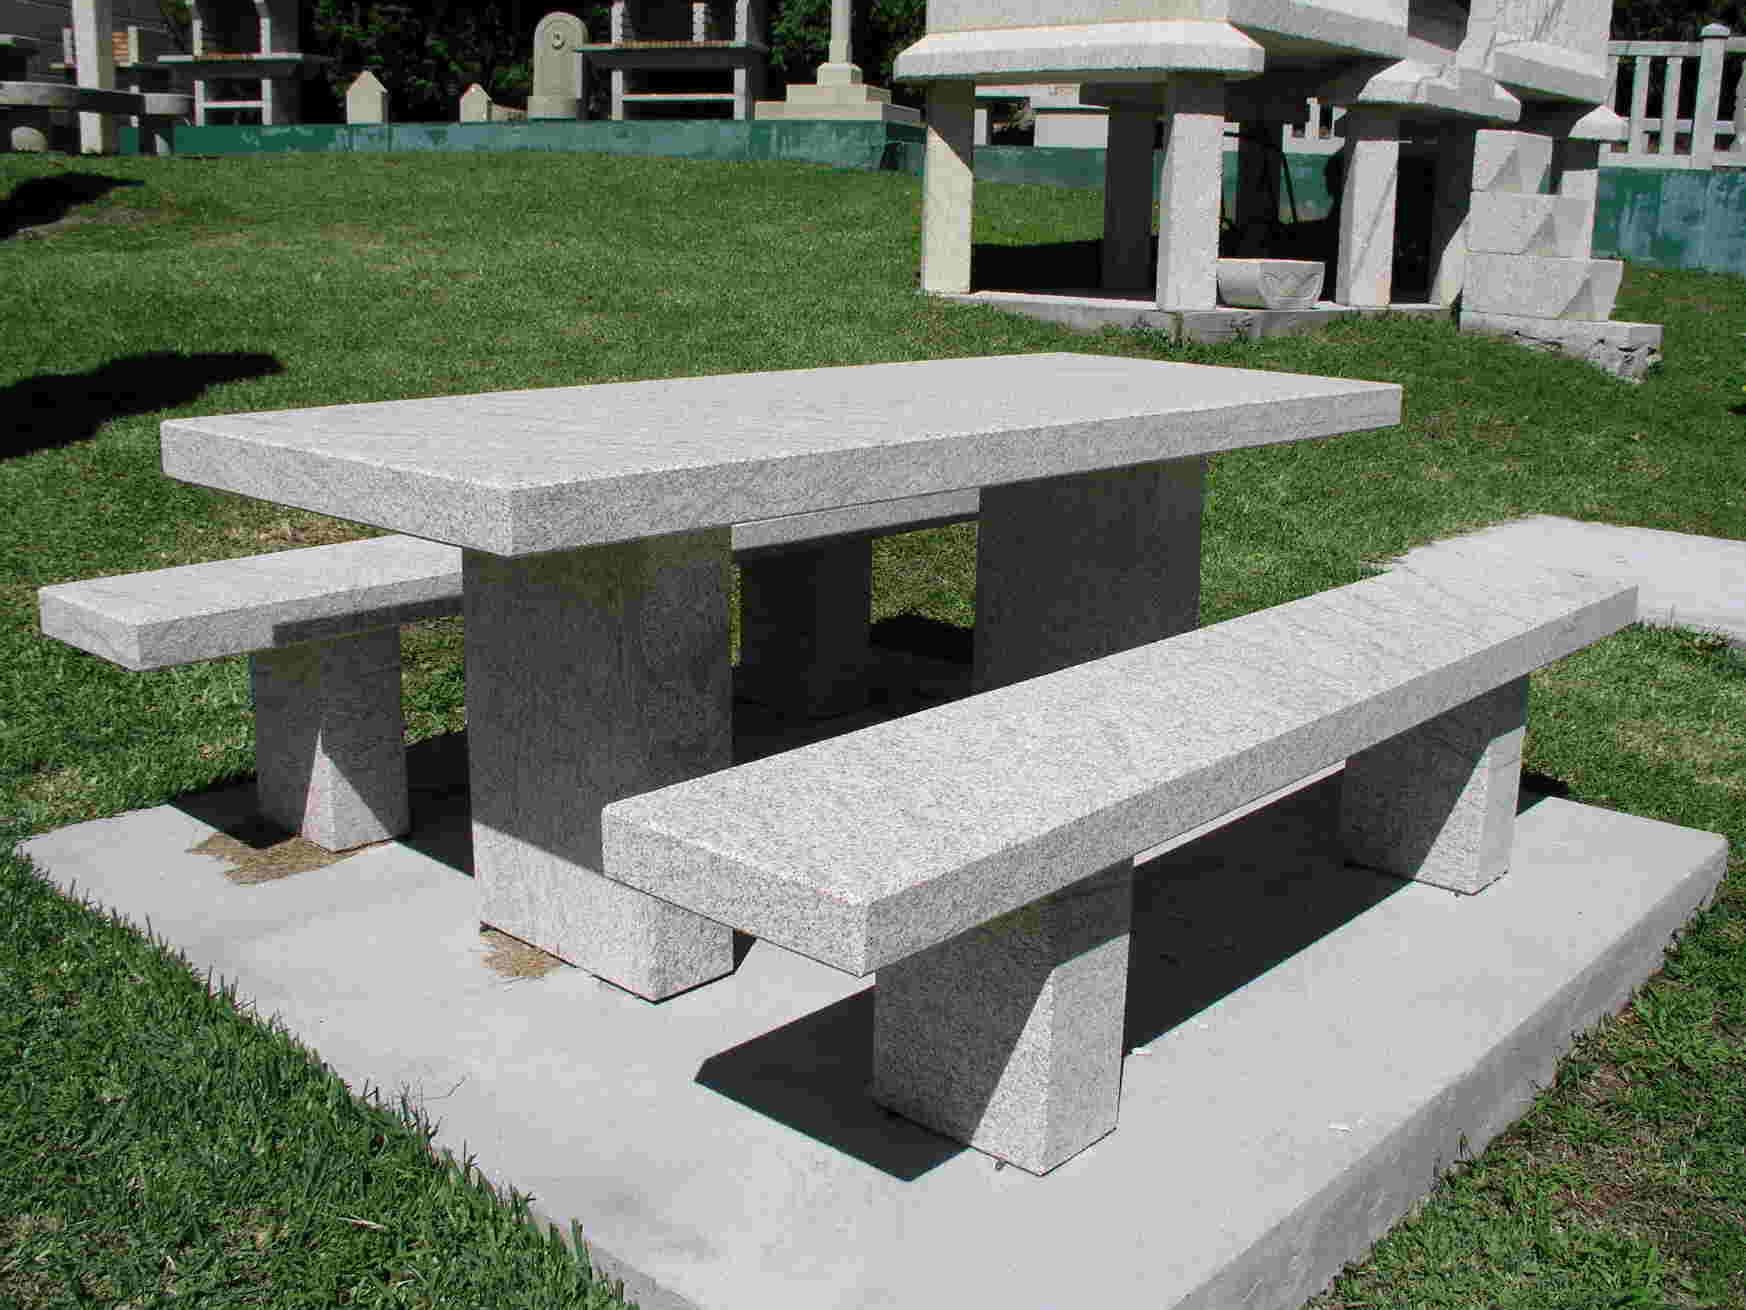 en nuestro taller le ofrecemos obras en piedra nicas e chimeneas de piedra pozos para jardn fuentes de piedra rsticas mesas de piedra